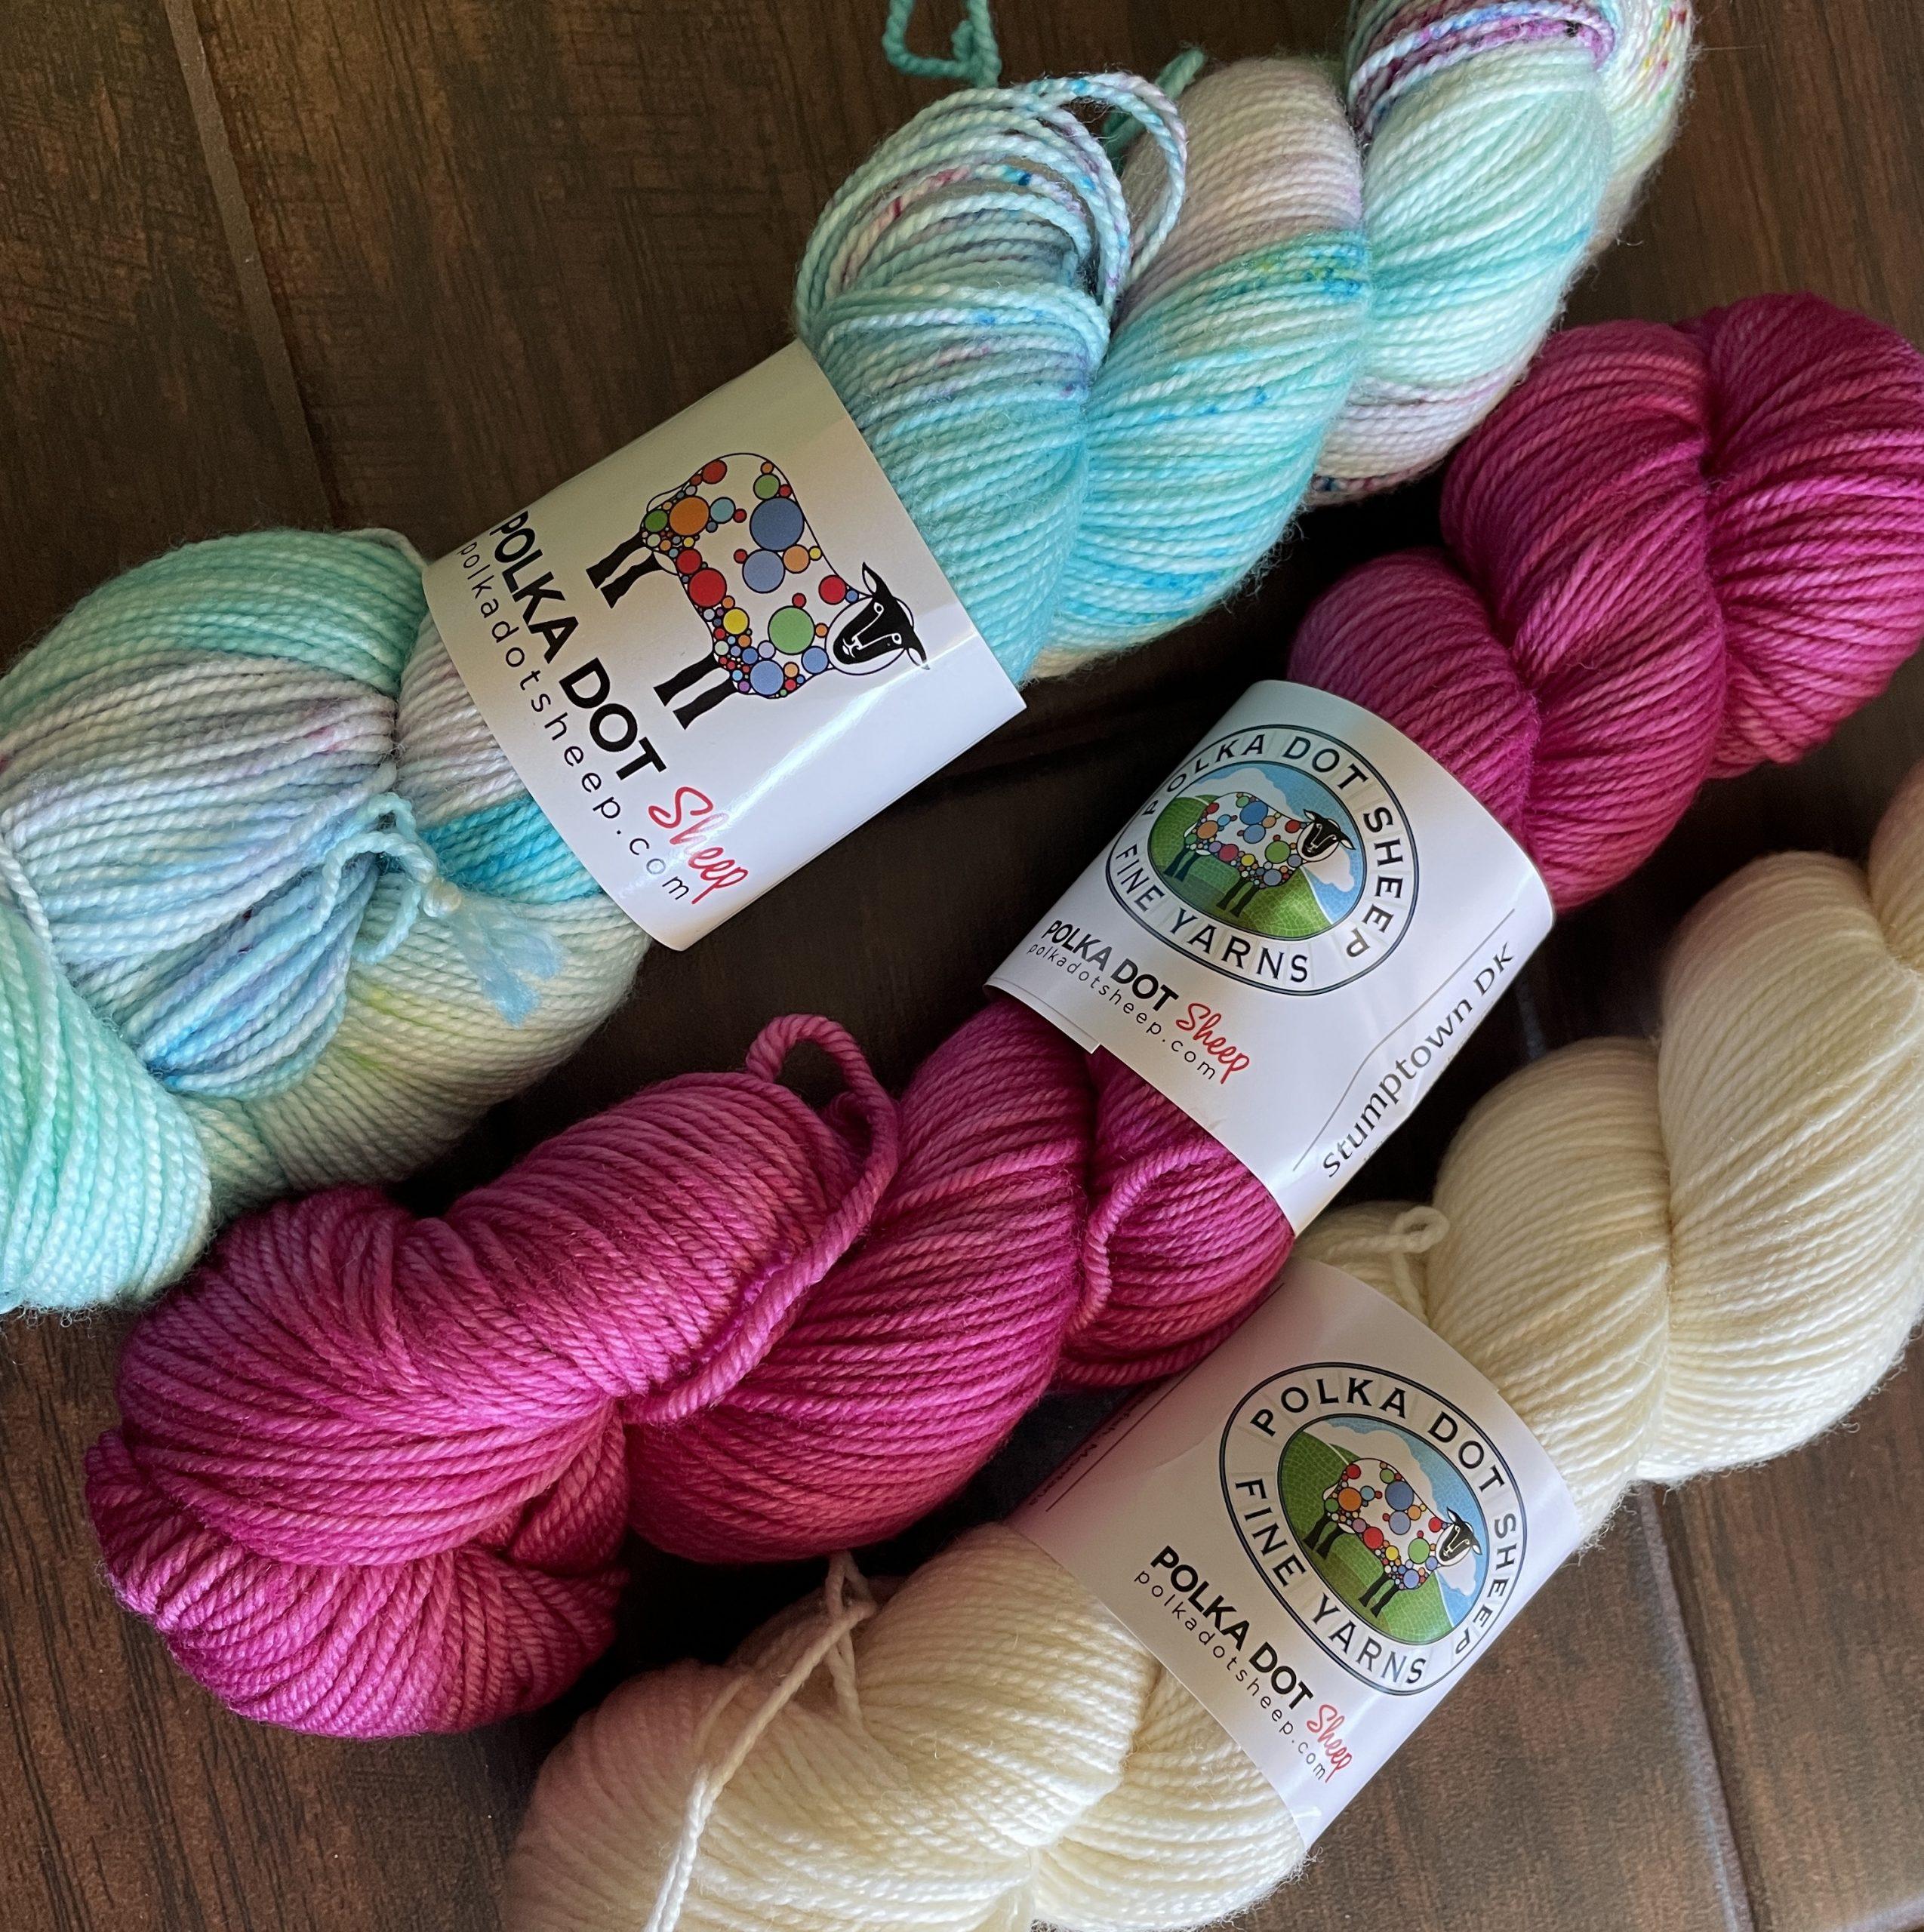 Polka Dot Sheep Yarn